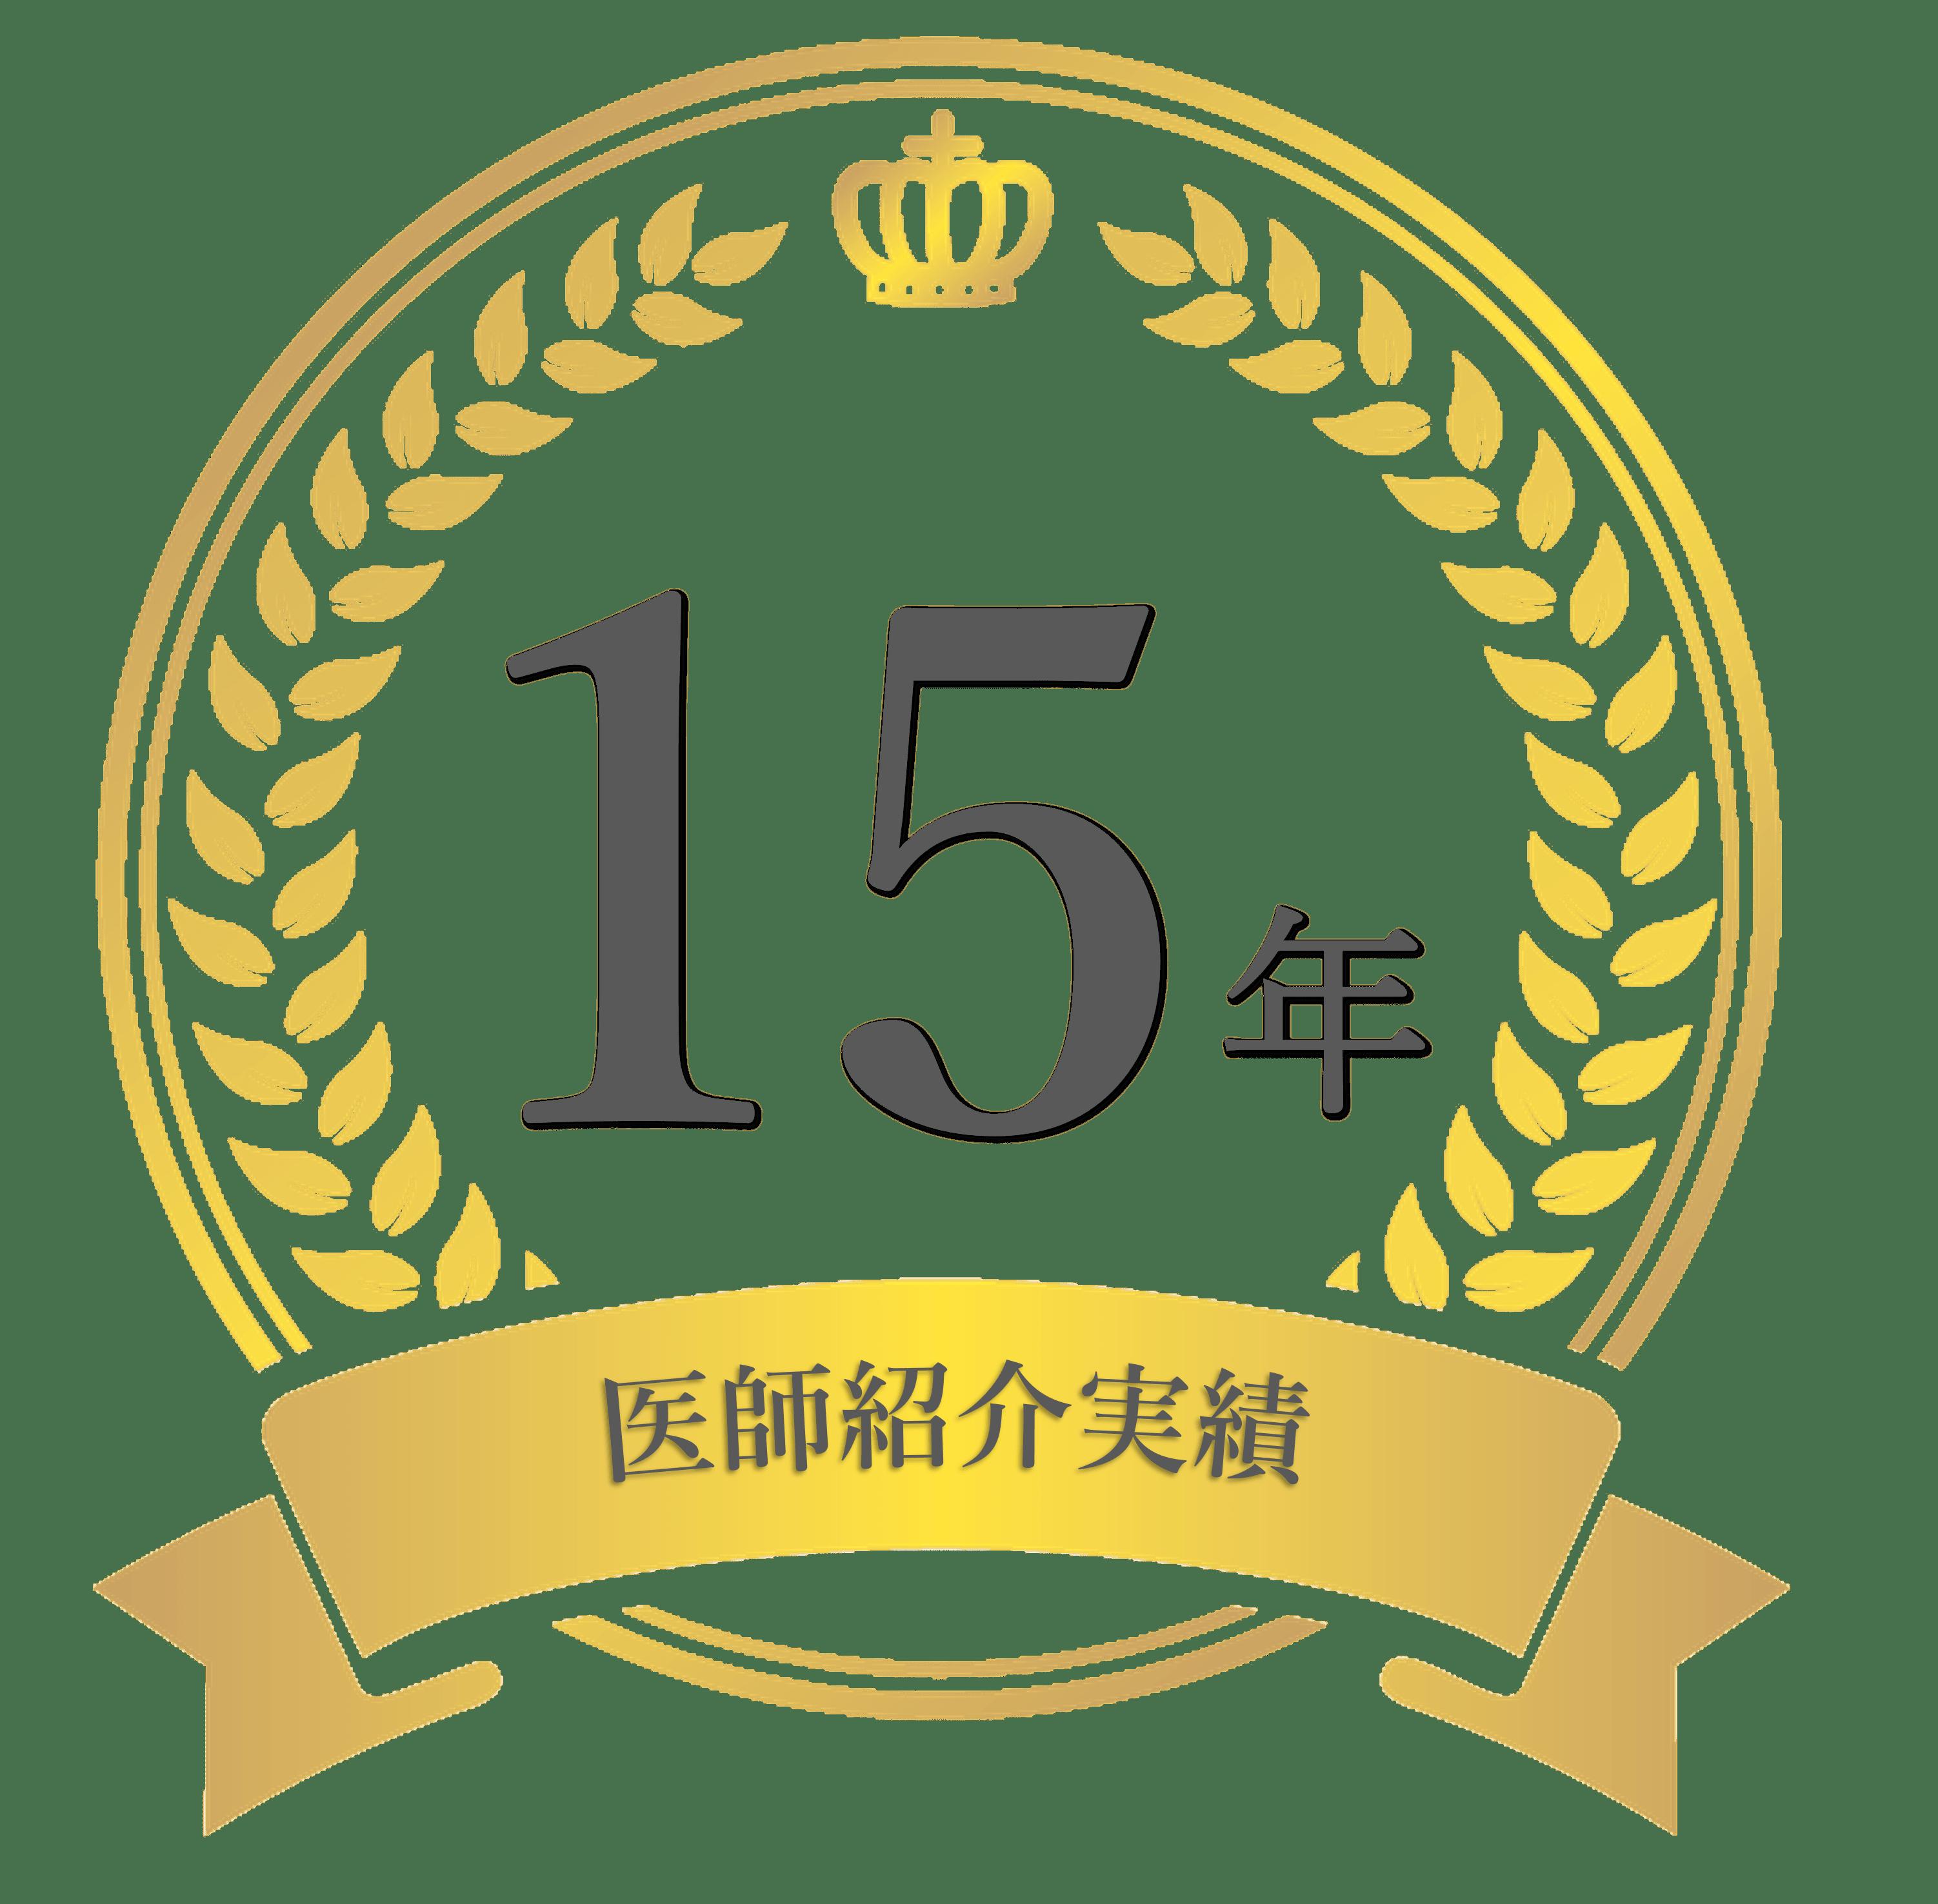 医師紹介実績15年